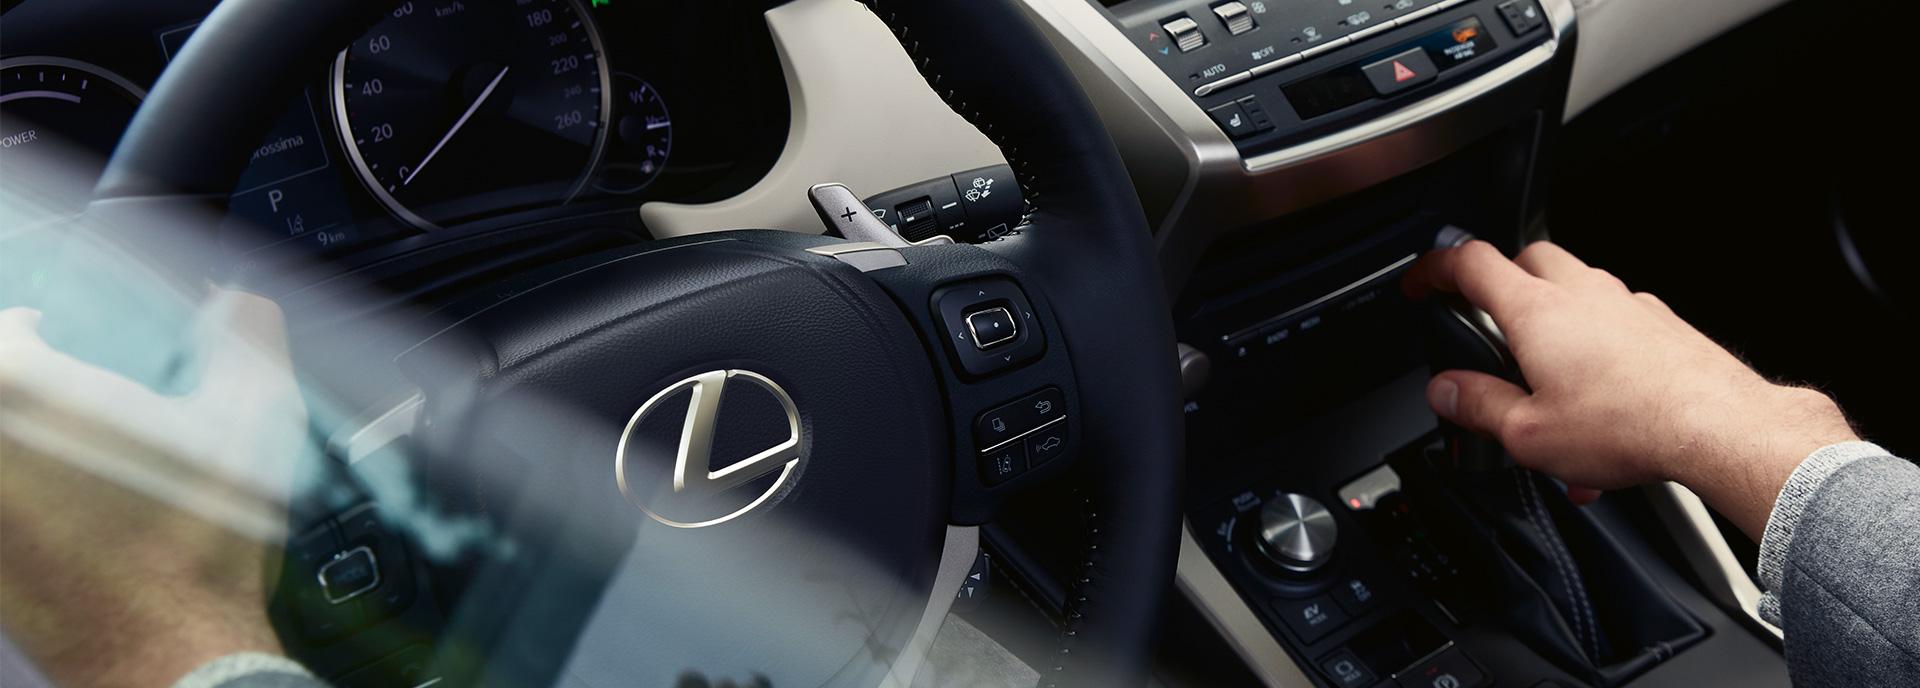 Lexus in Business hero